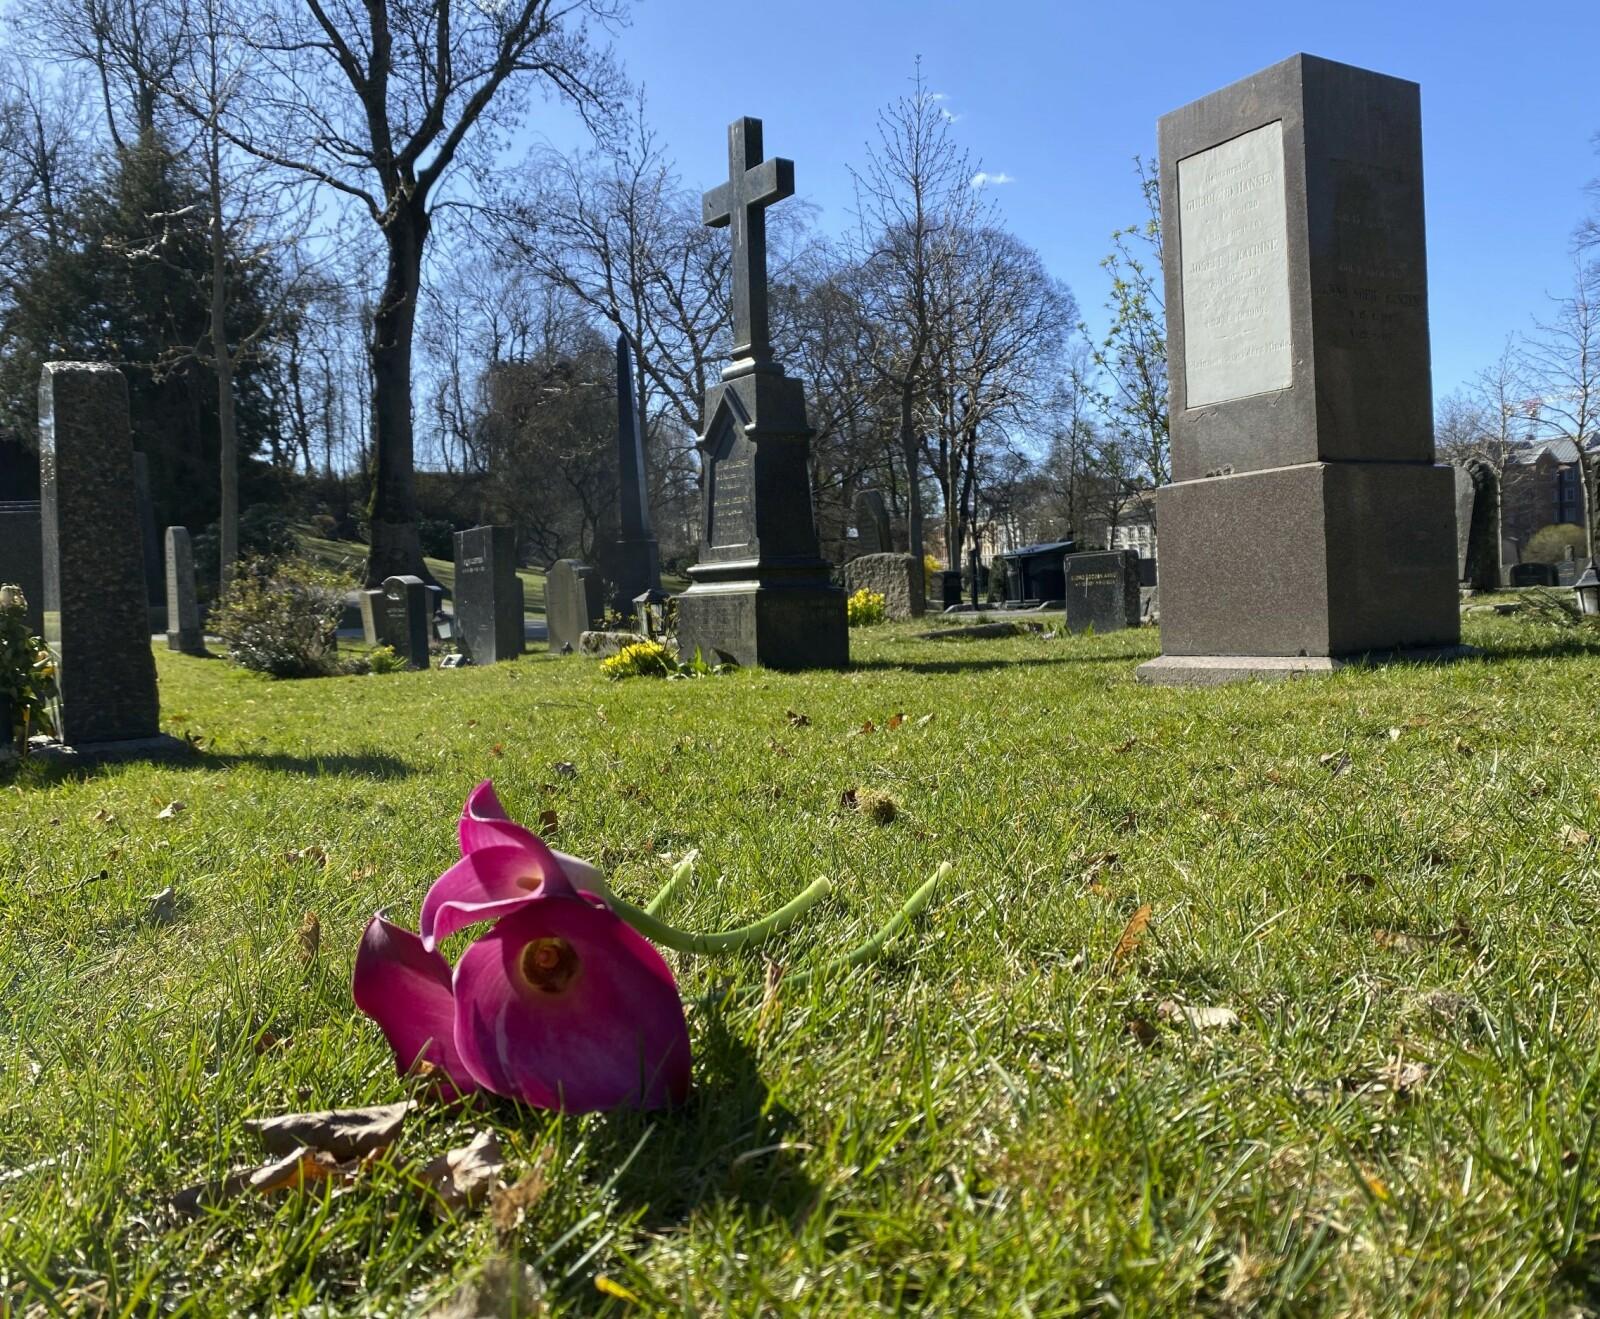 Fire måneder etter at han tok sitt liv, har Ari Behn fortsatt ikke fått innta sitt siste hvilested.